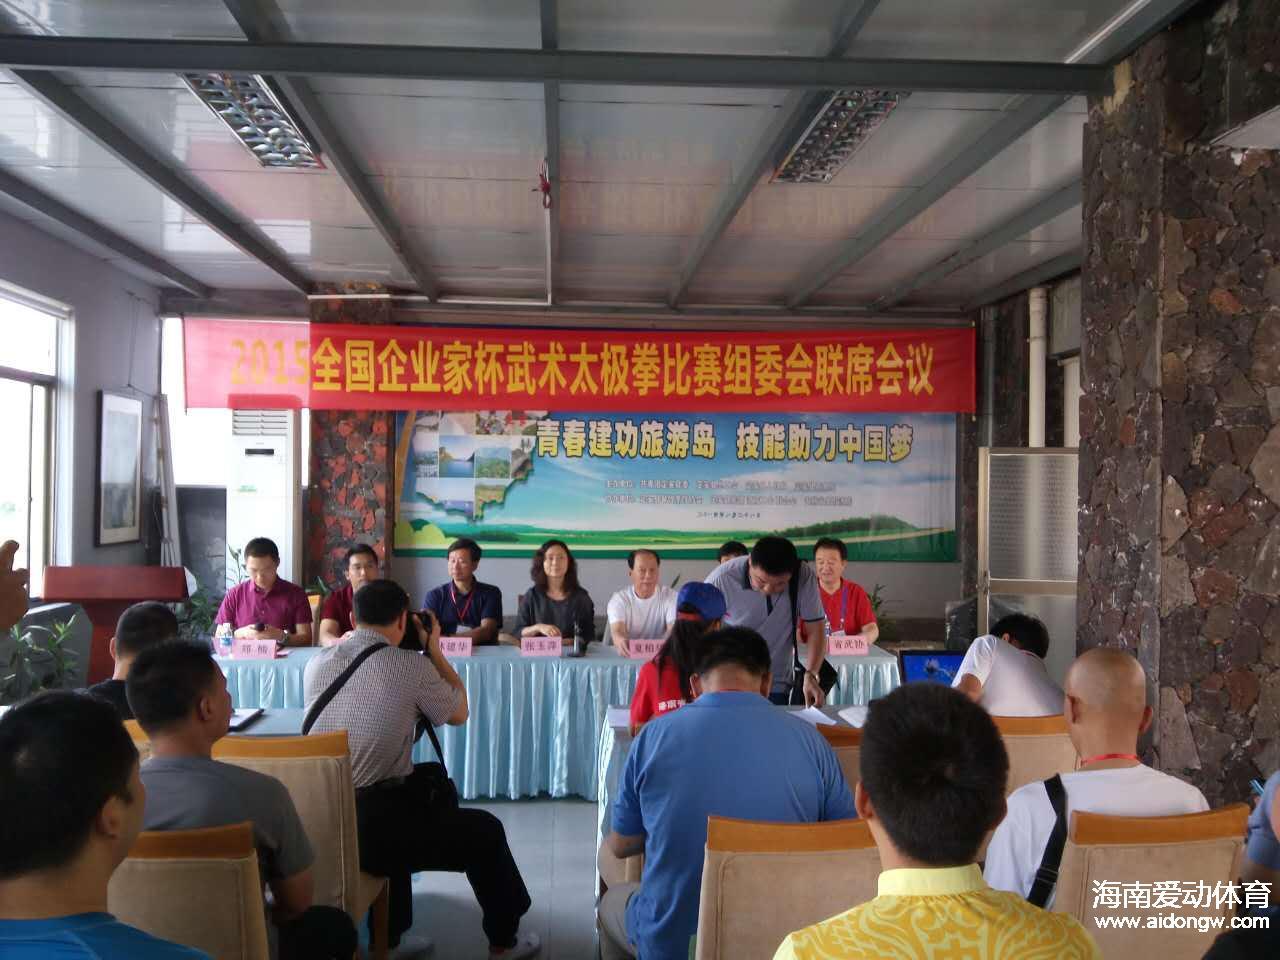 【武术】2015全国企业家杯武术太极拳比赛组委会联席会议召开